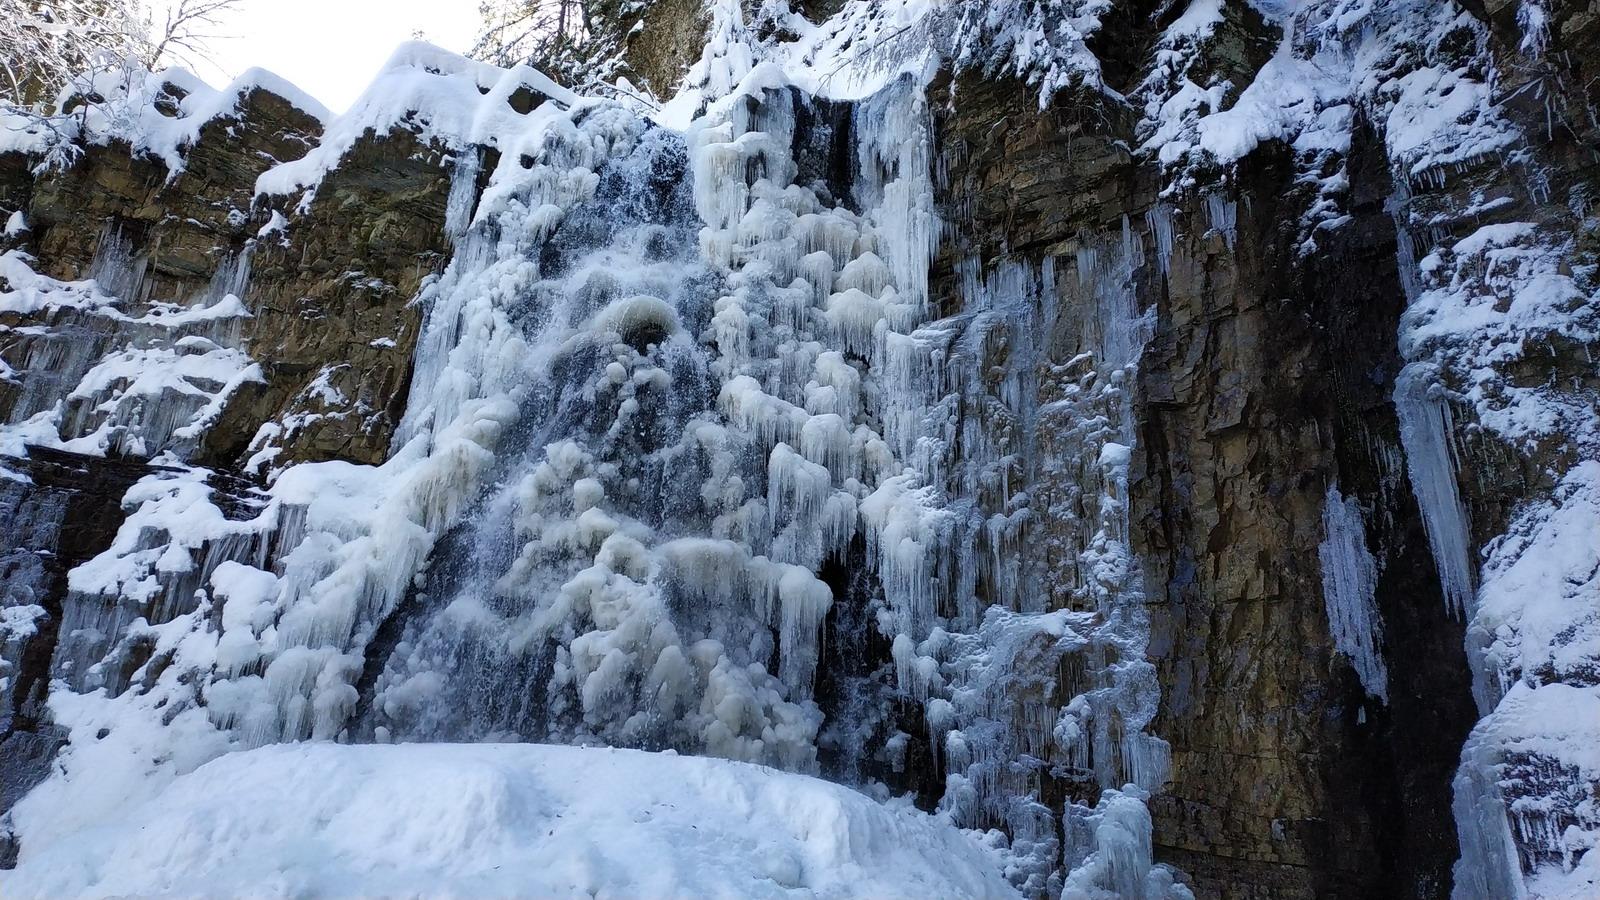 Манявський водоспад зимою. Багато снігу! 9-2-2020: zubrytsky — LiveJournal